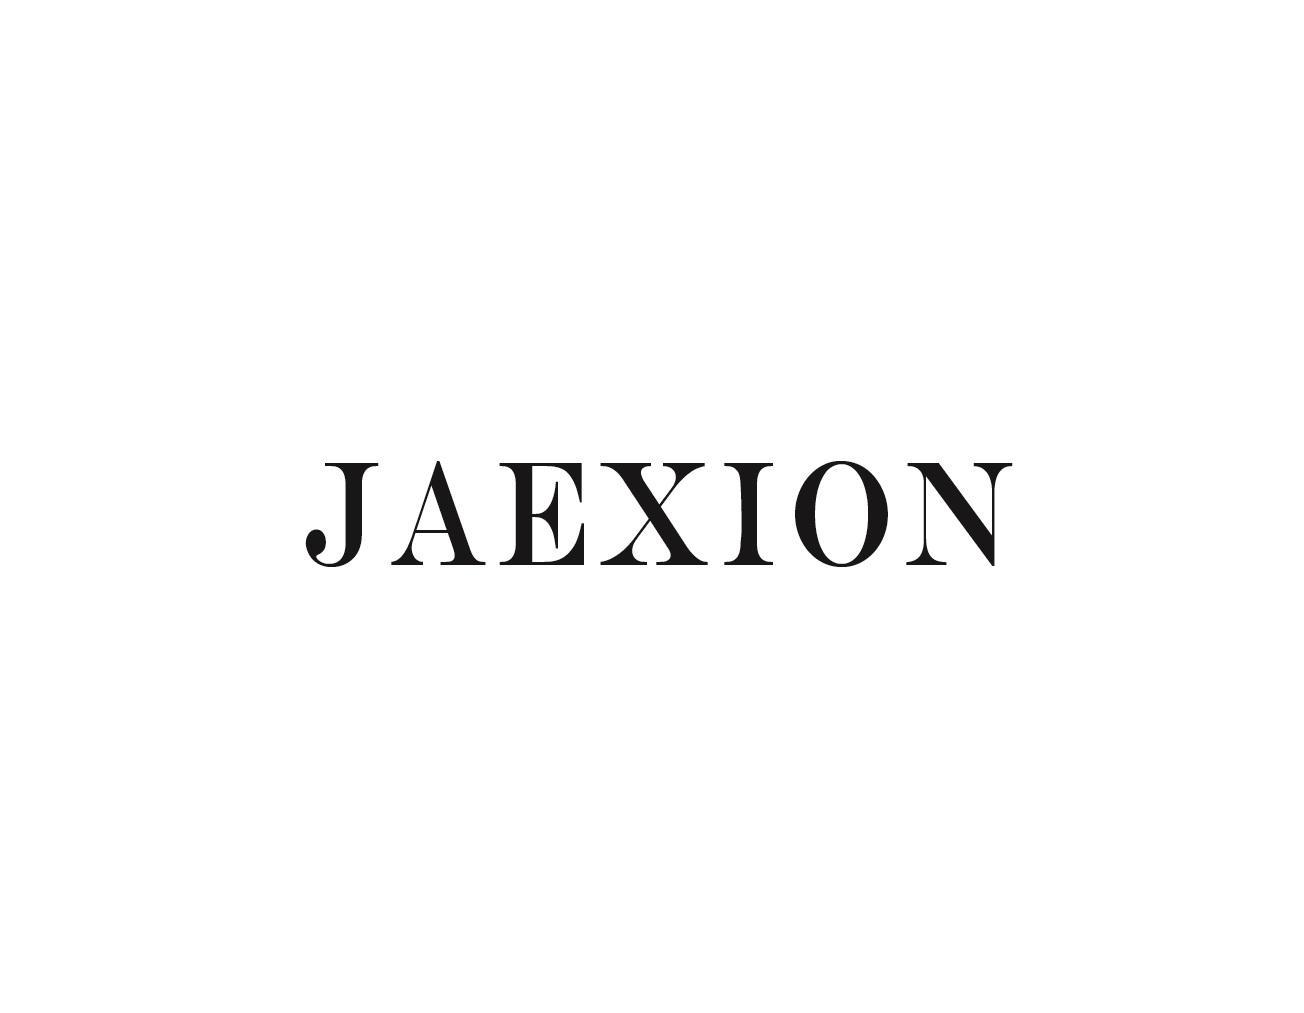 JAEXION